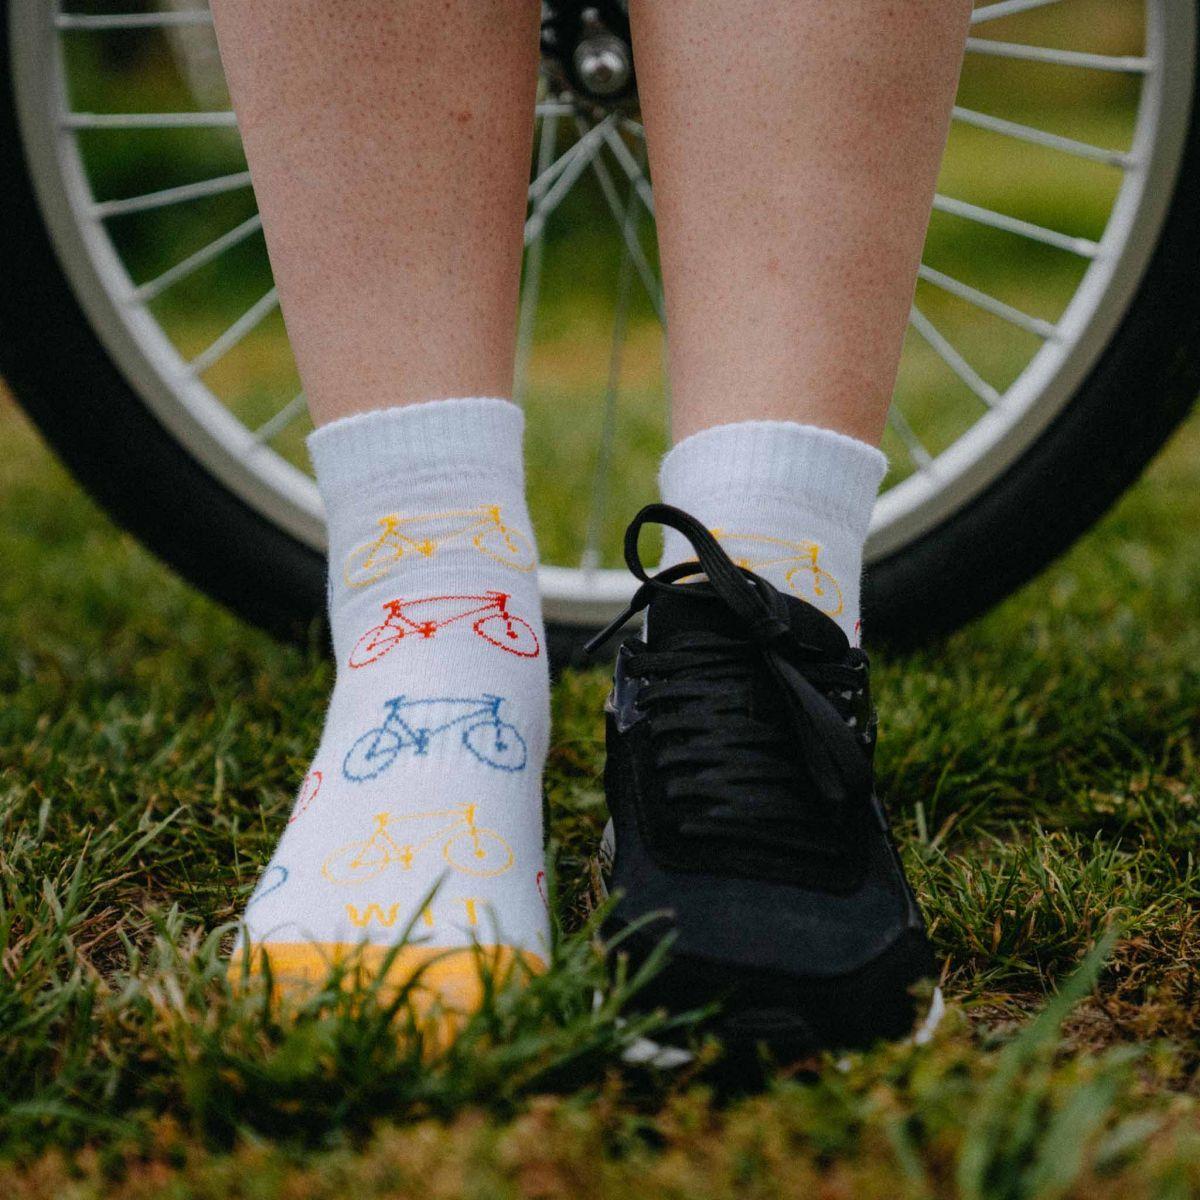 Ponožky - Kolo nízké p2